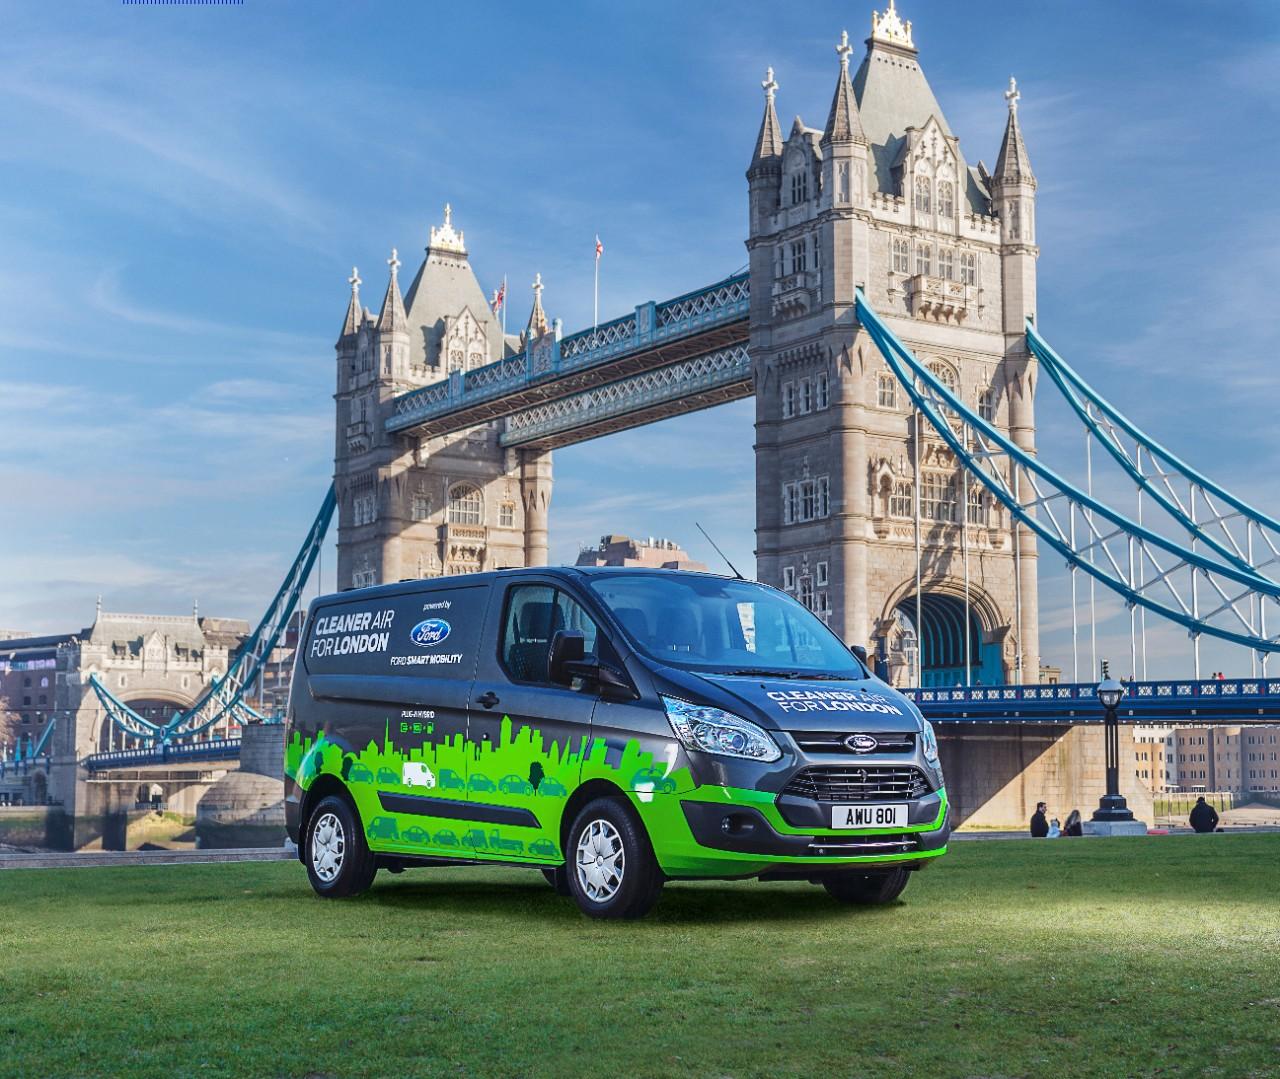 Ford Transit PHEV 4 1 Η Ford και το Λονδίνο ενώνουν τις δυνάμεις τους, για τη βελτίωση της ποιότητας του ατμοσφαιρικού αέρα! Electric cars, Ford, Ford Transit, Ford Transit Custom, Περιβάλλον